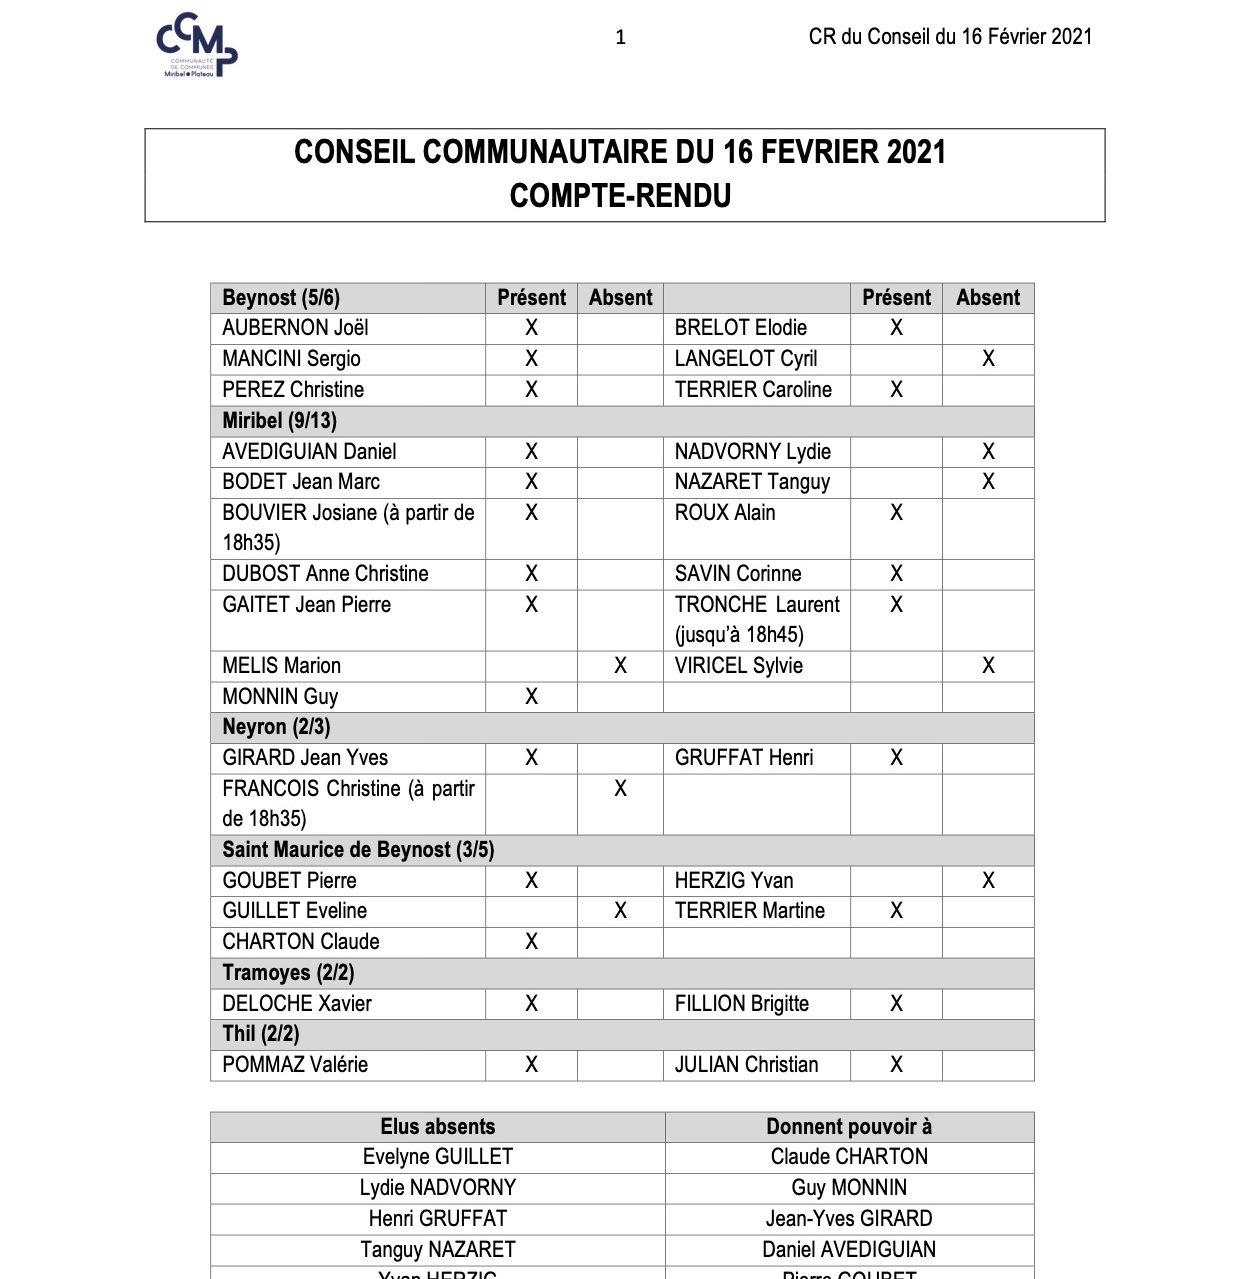 Compte-rendu du Conseil communautaire du 16 février 2021